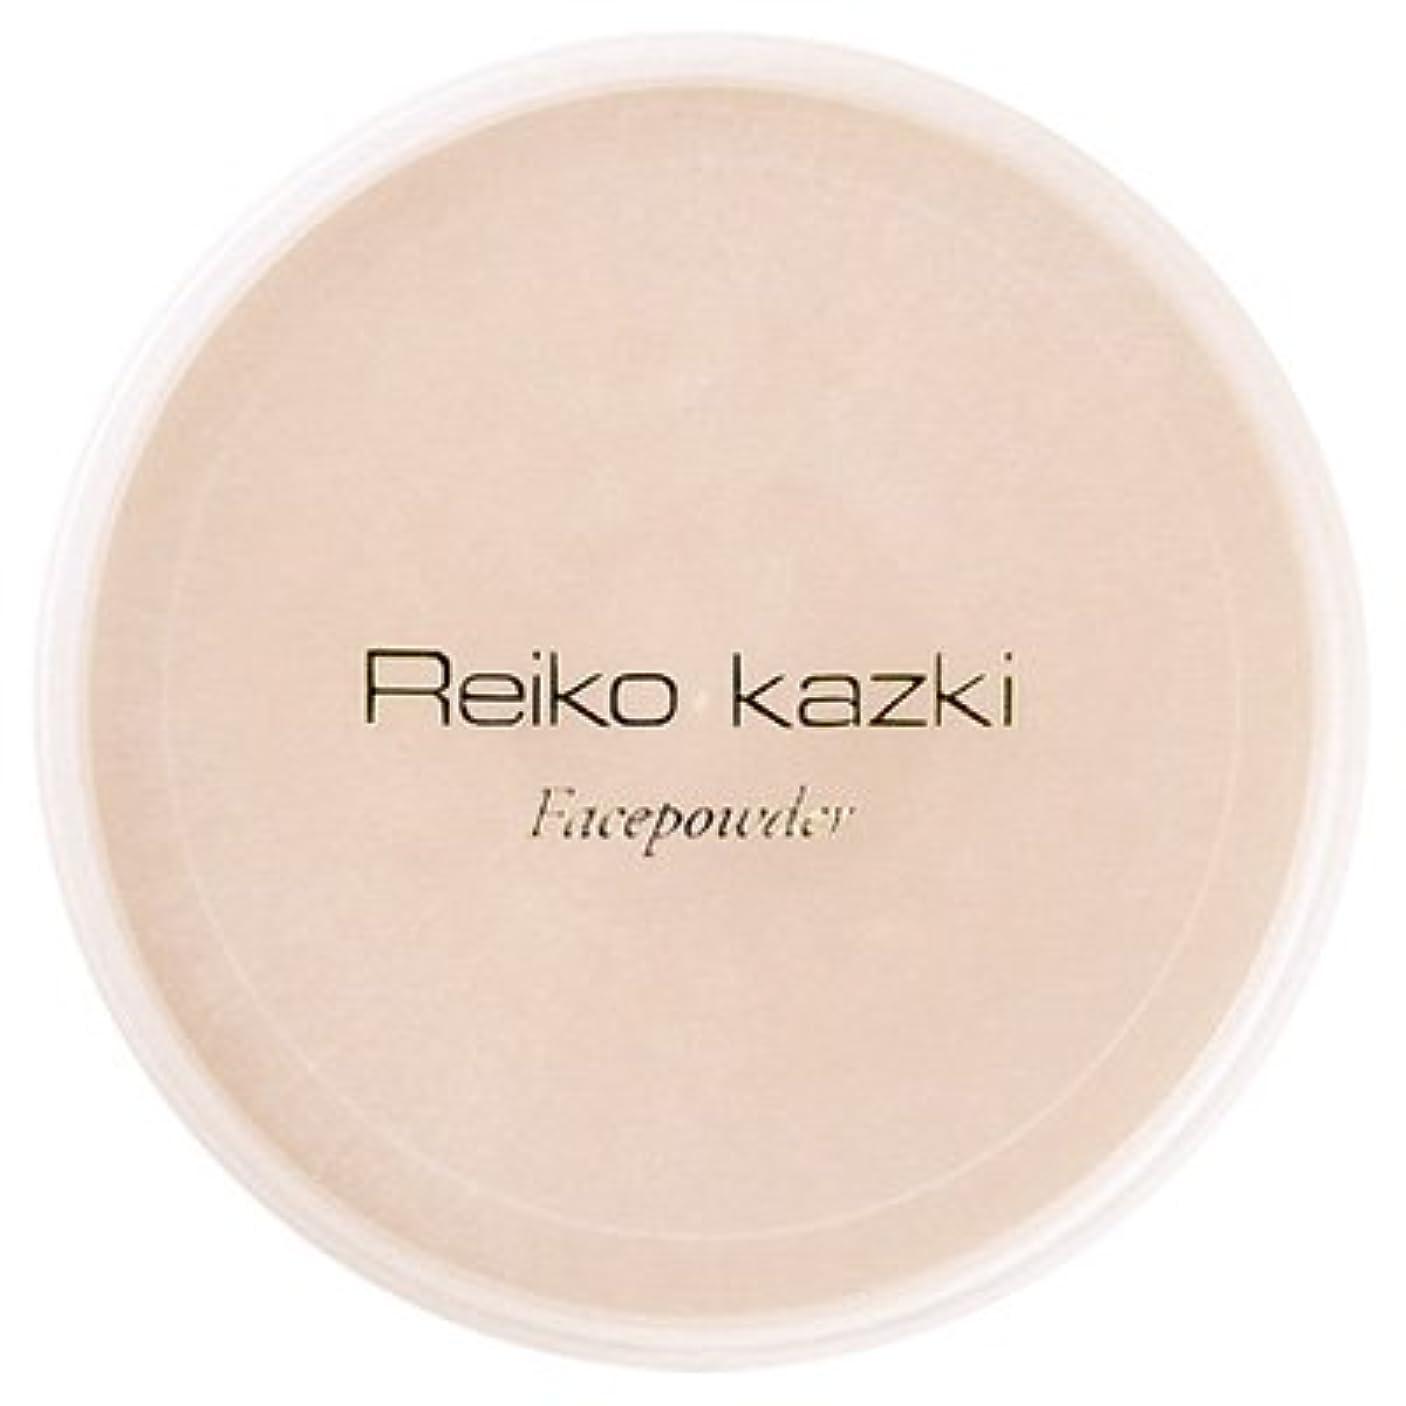 シャイニング示す非互換かづきれいこ フェイスパウダー ナチュラルベージュ<3> 色白の方向け 肌のキメを細やかに見せ、汗や皮脂に強い化粧くずれしにくいサラサラの肌に。